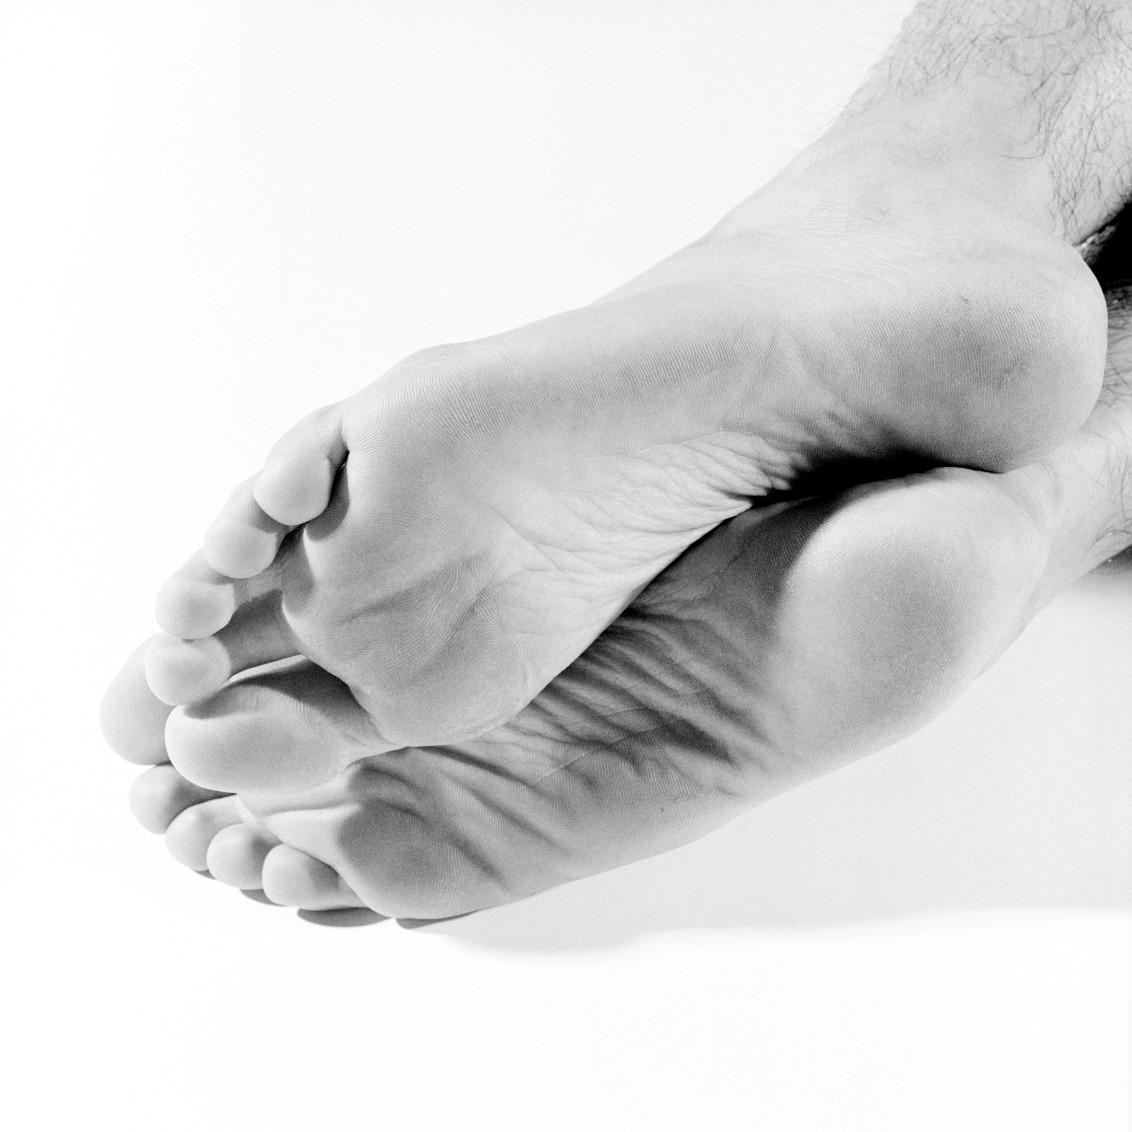 Feet (Ian) (from 'Girlfriends'), 1994